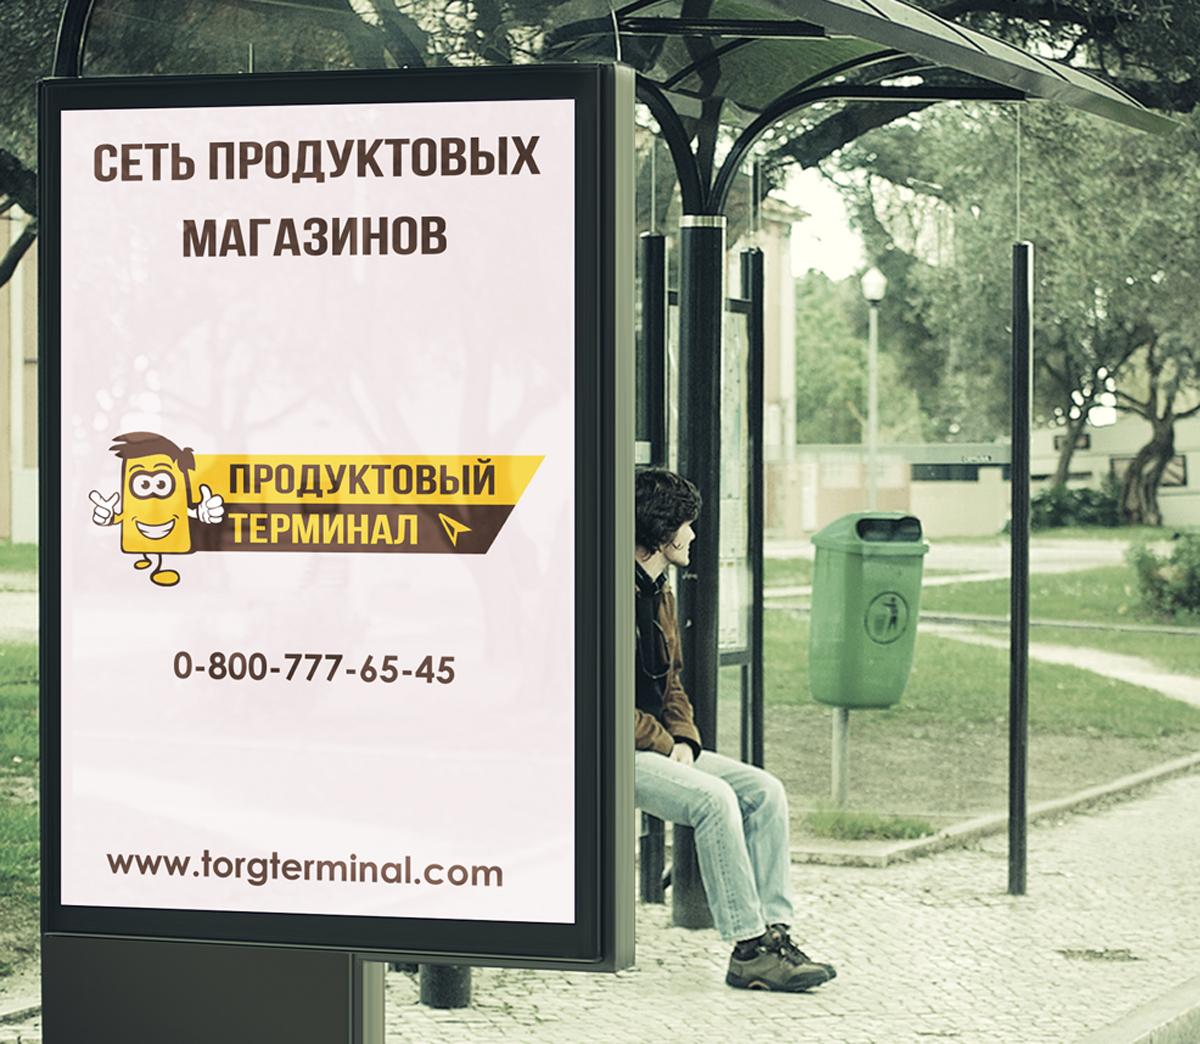 Логотип для сети продуктовых магазинов фото f_85757010a708d61b.jpg